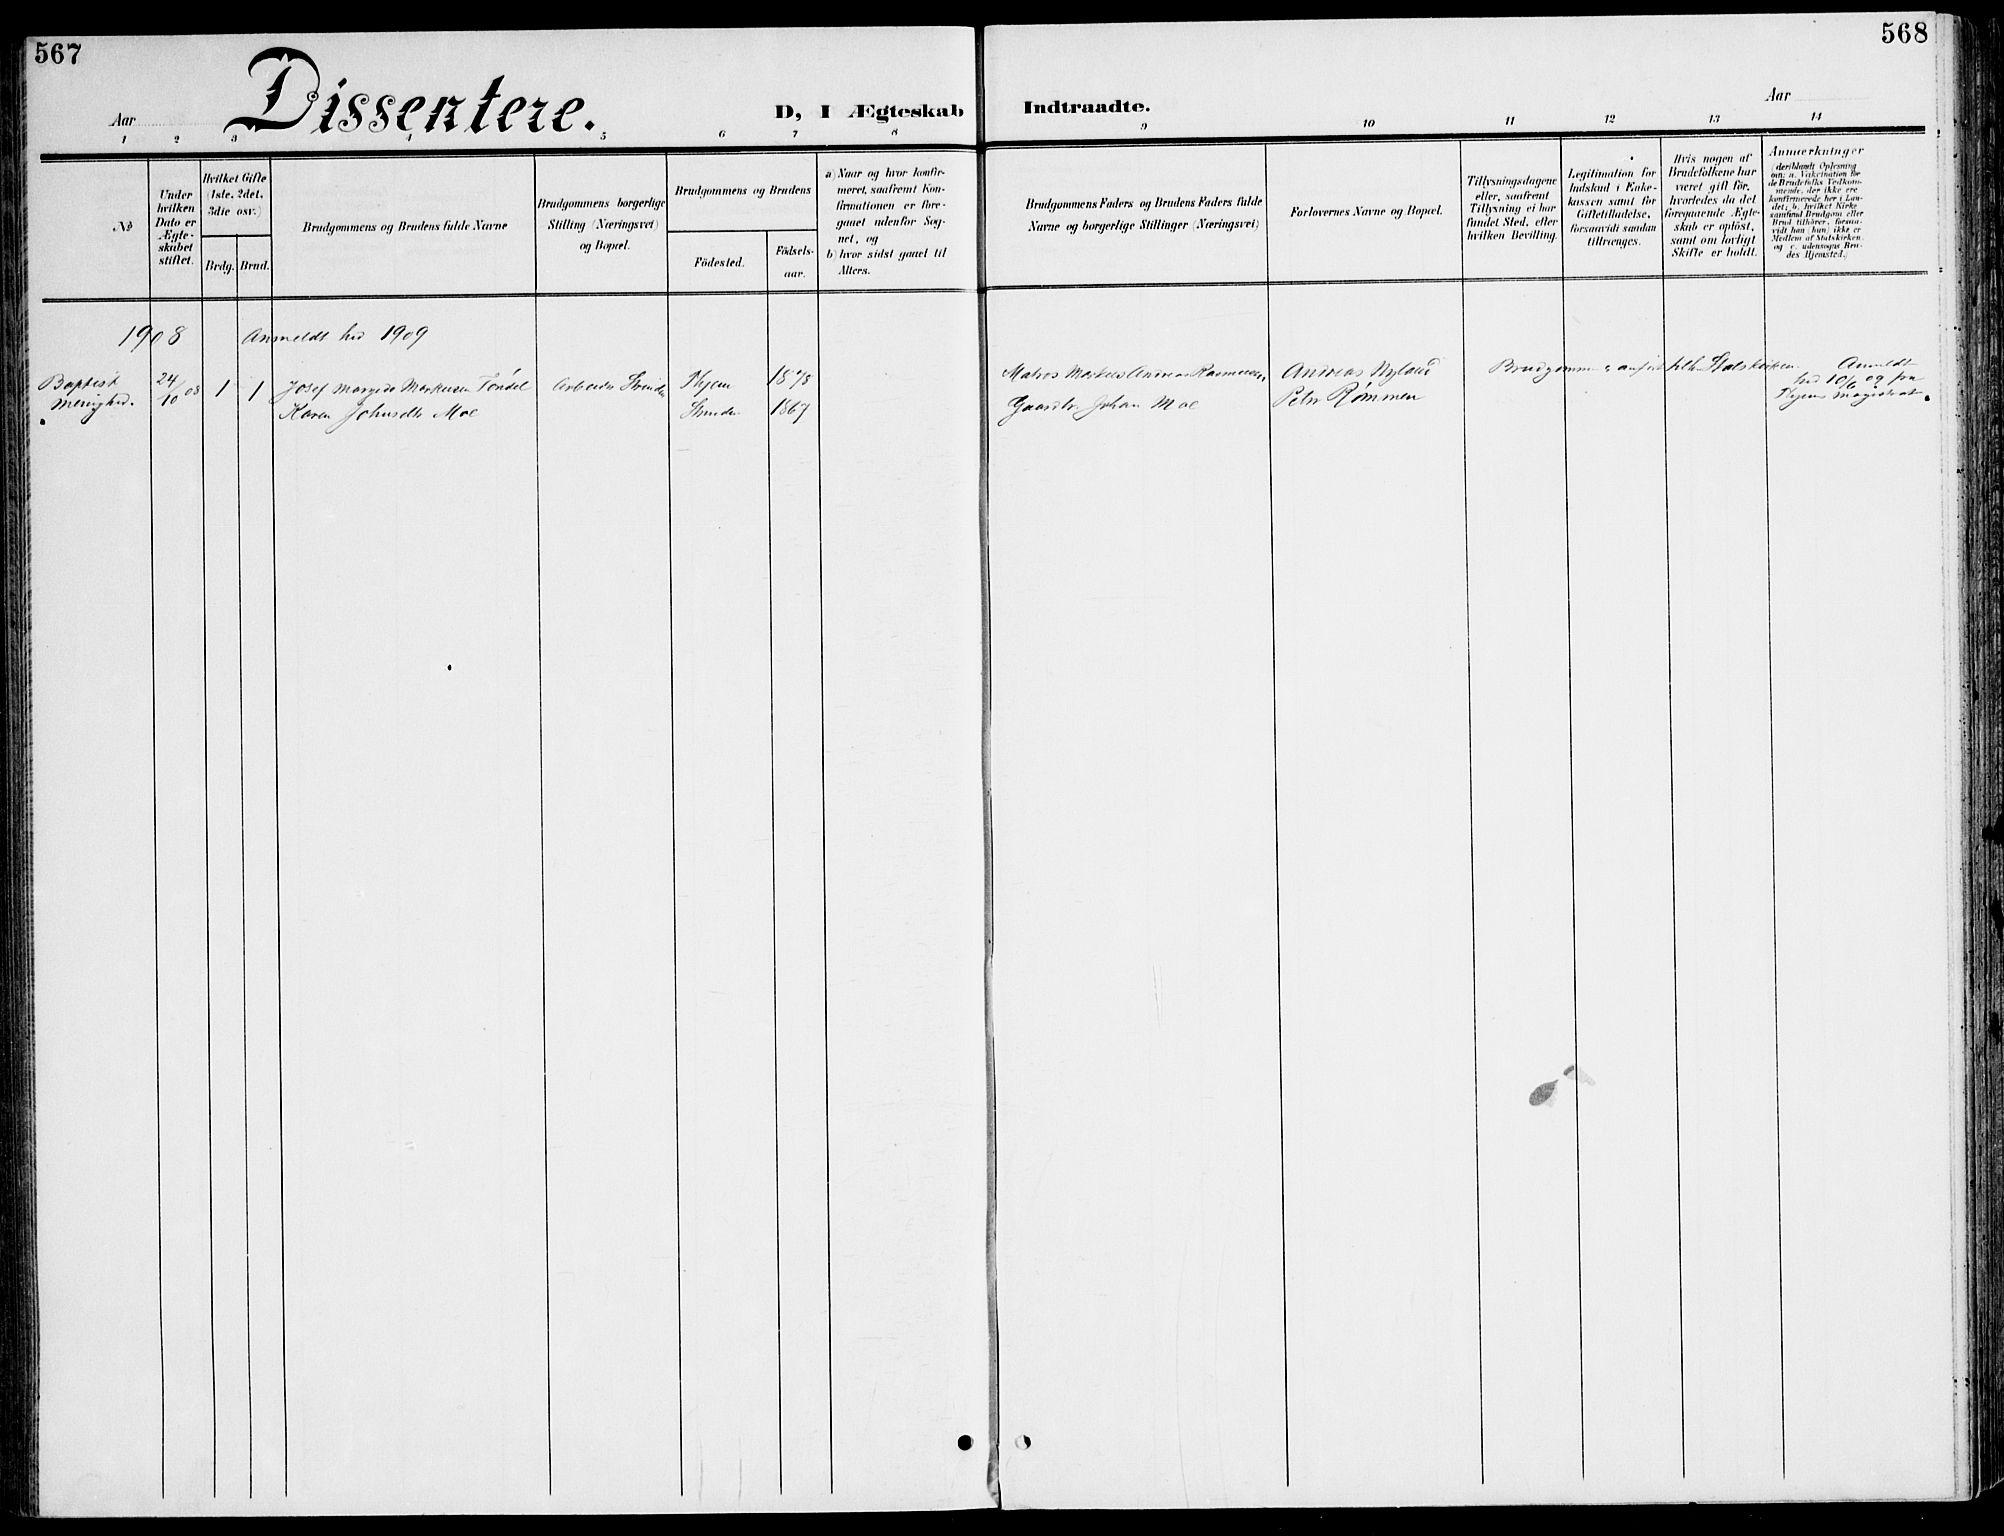 SAT, Ministerialprotokoller, klokkerbøker og fødselsregistre - Sør-Trøndelag, 607/L0320: Ministerialbok nr. 607A04, 1907-1915, s. 567-568